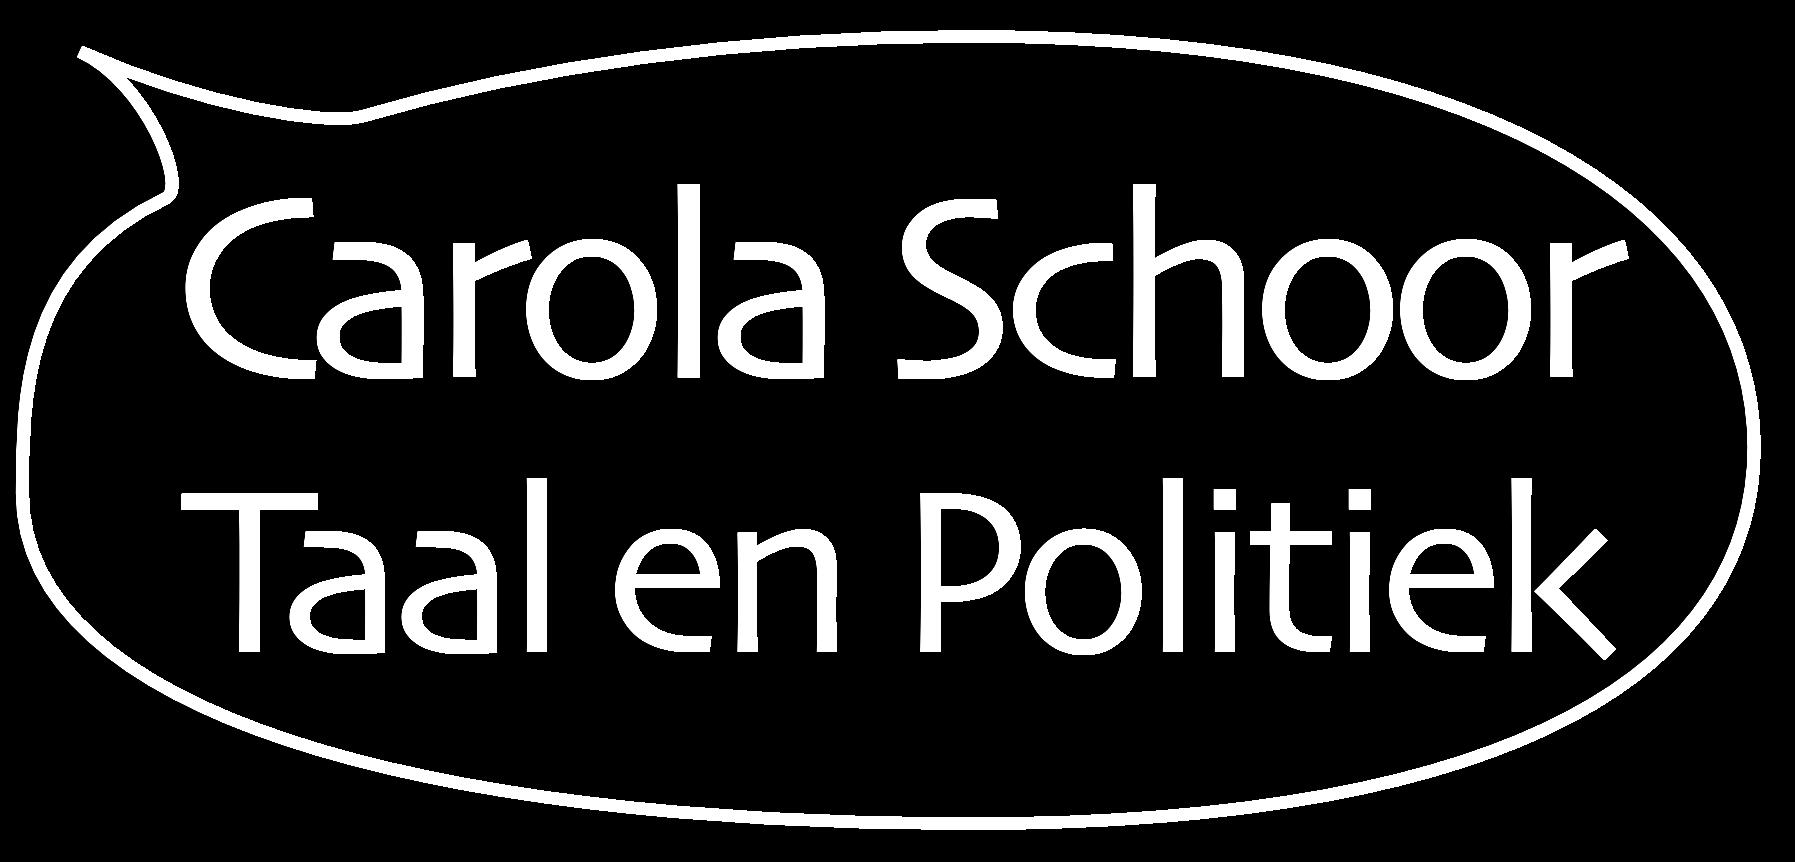 Carola Schoor